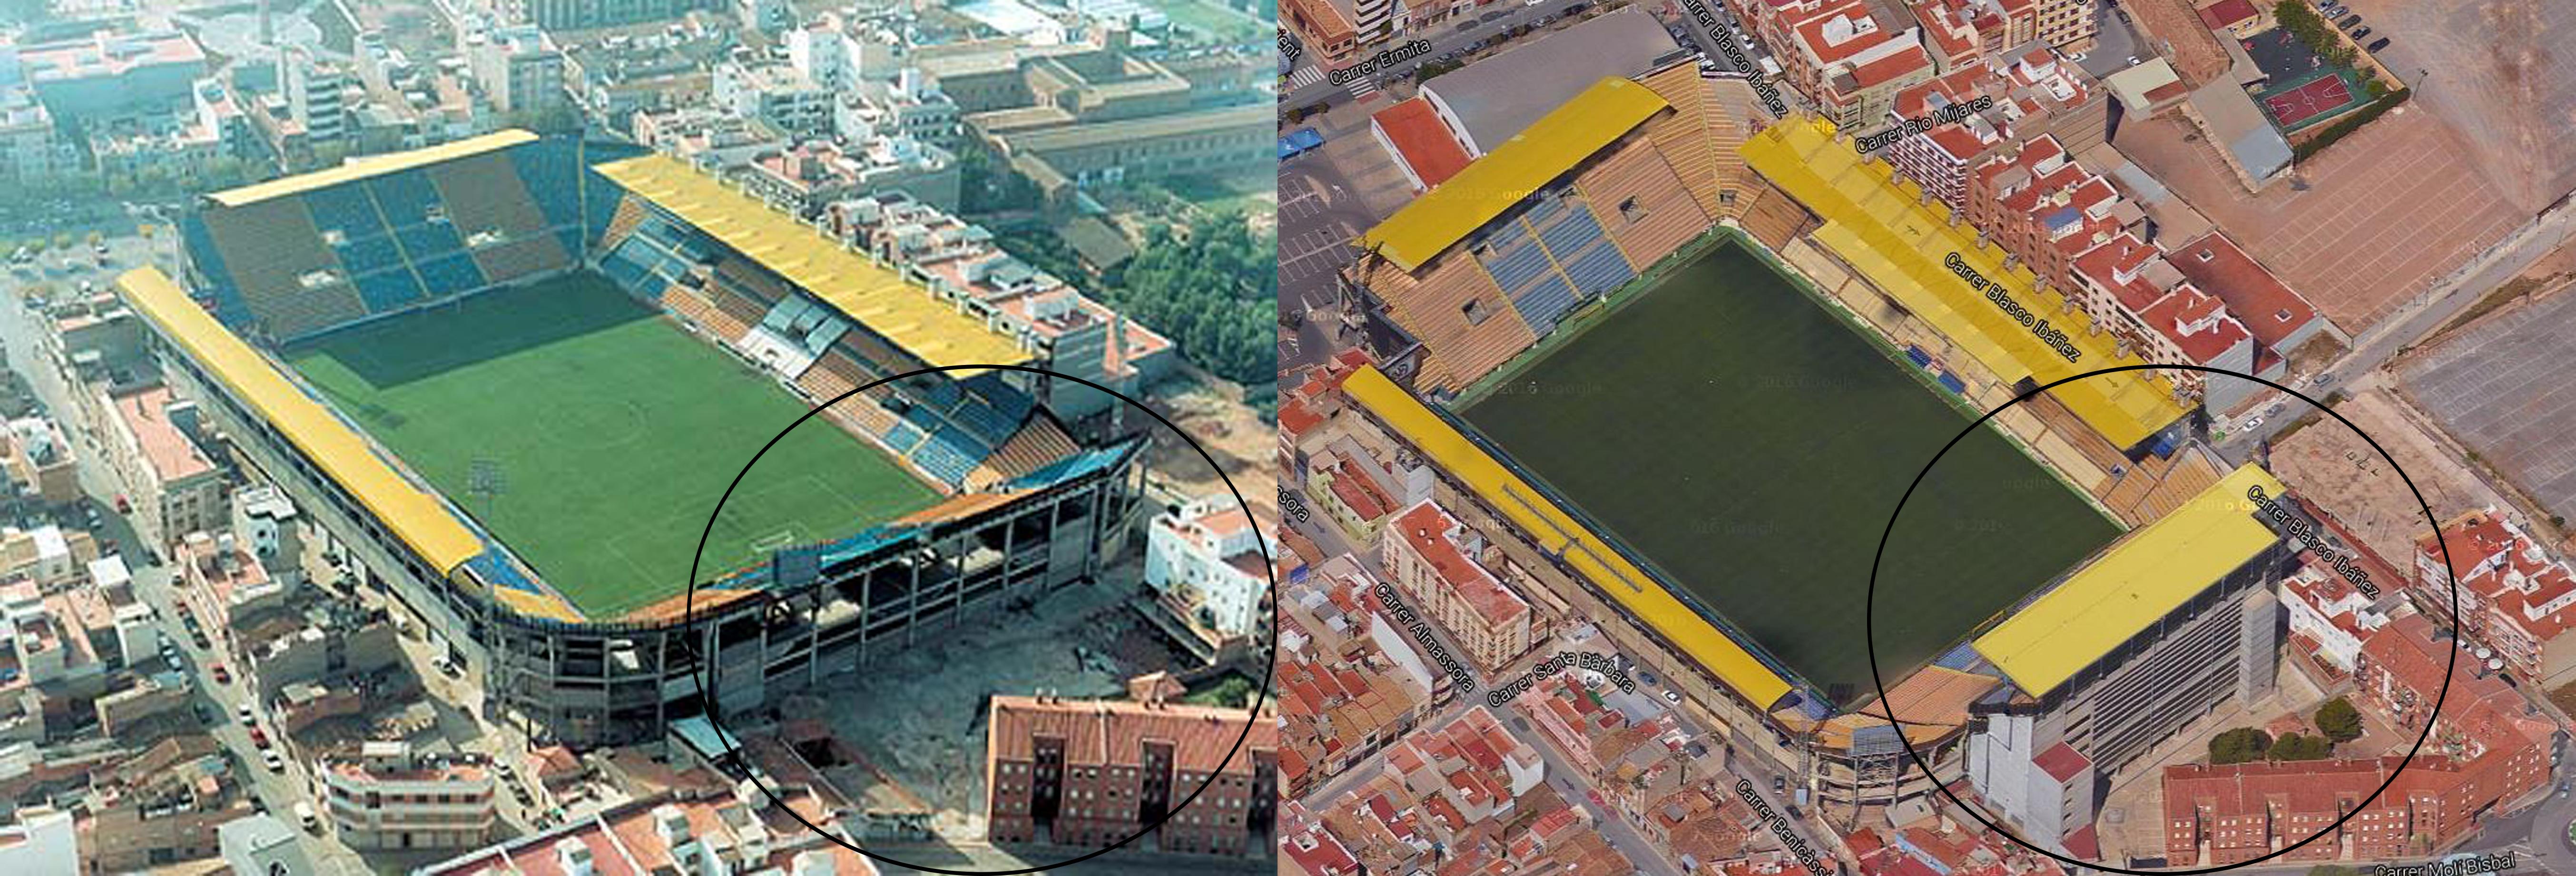 Antes y después de la grada visitante sobre el fondo norte. El estadio crece poco a poco a partir de los espacios que gana a las viviendas